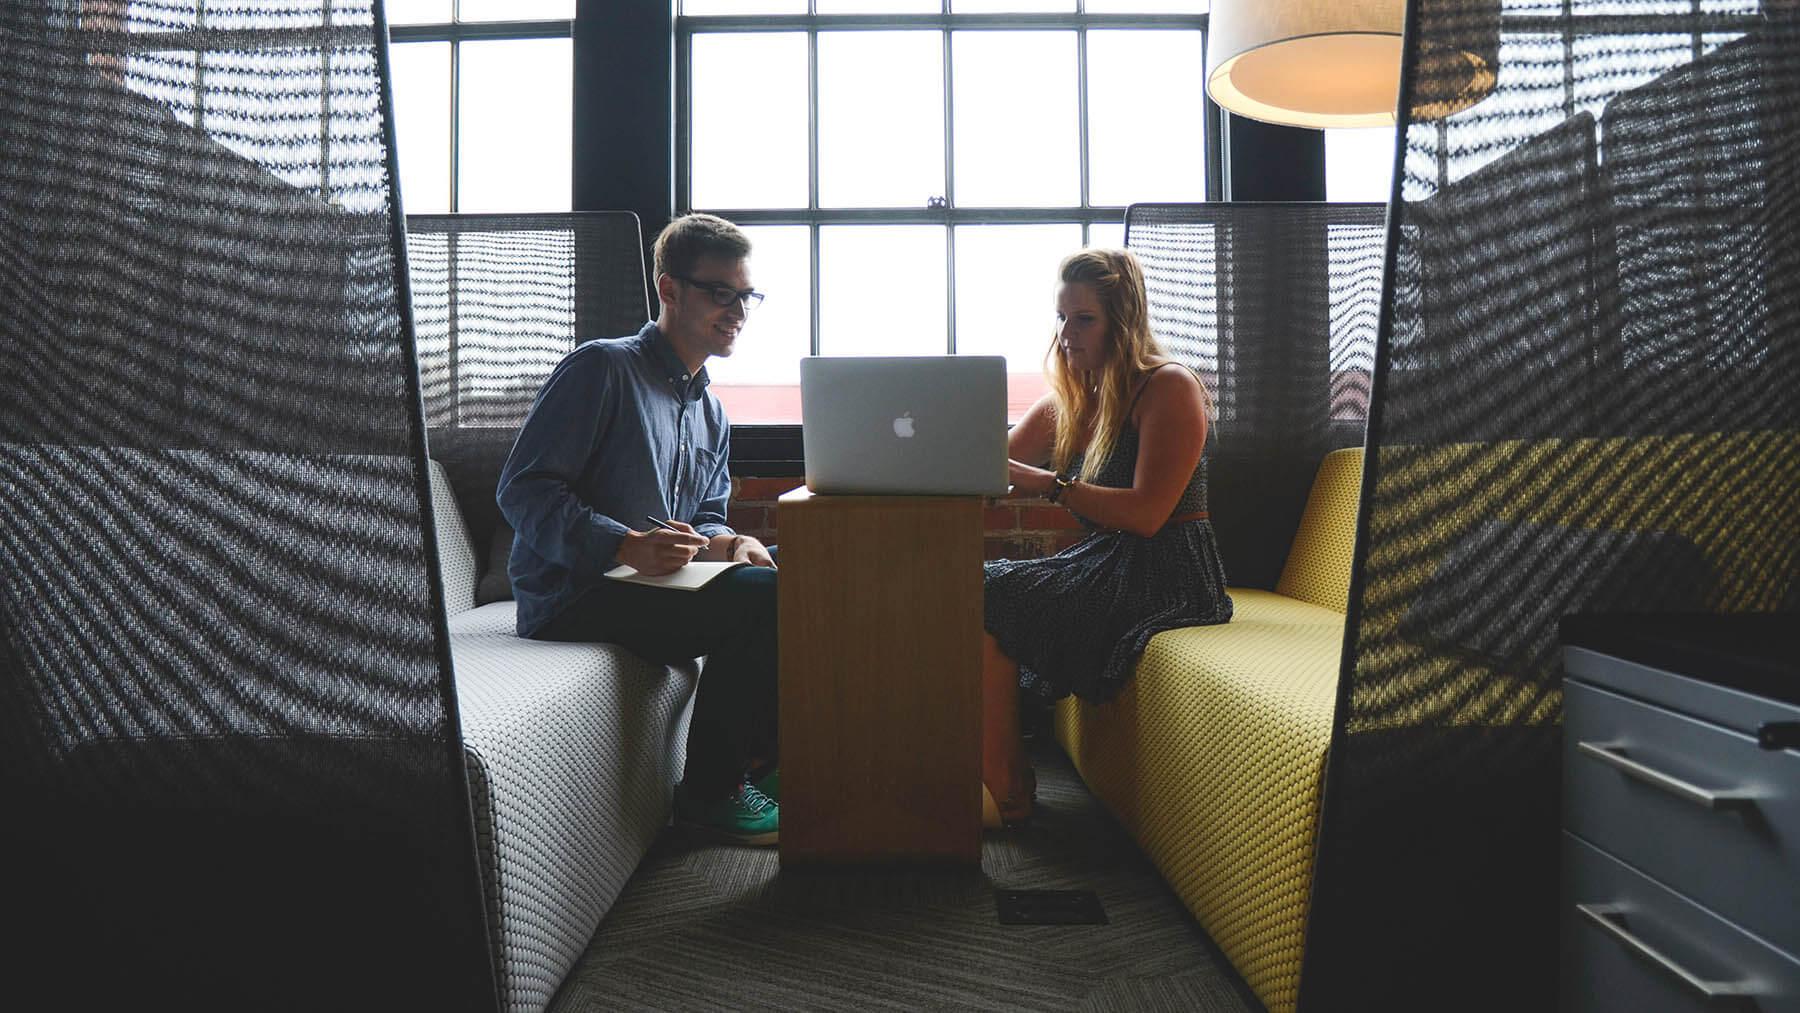 Ett coachande ledarskap gör chefen oumbärlig enligt Google